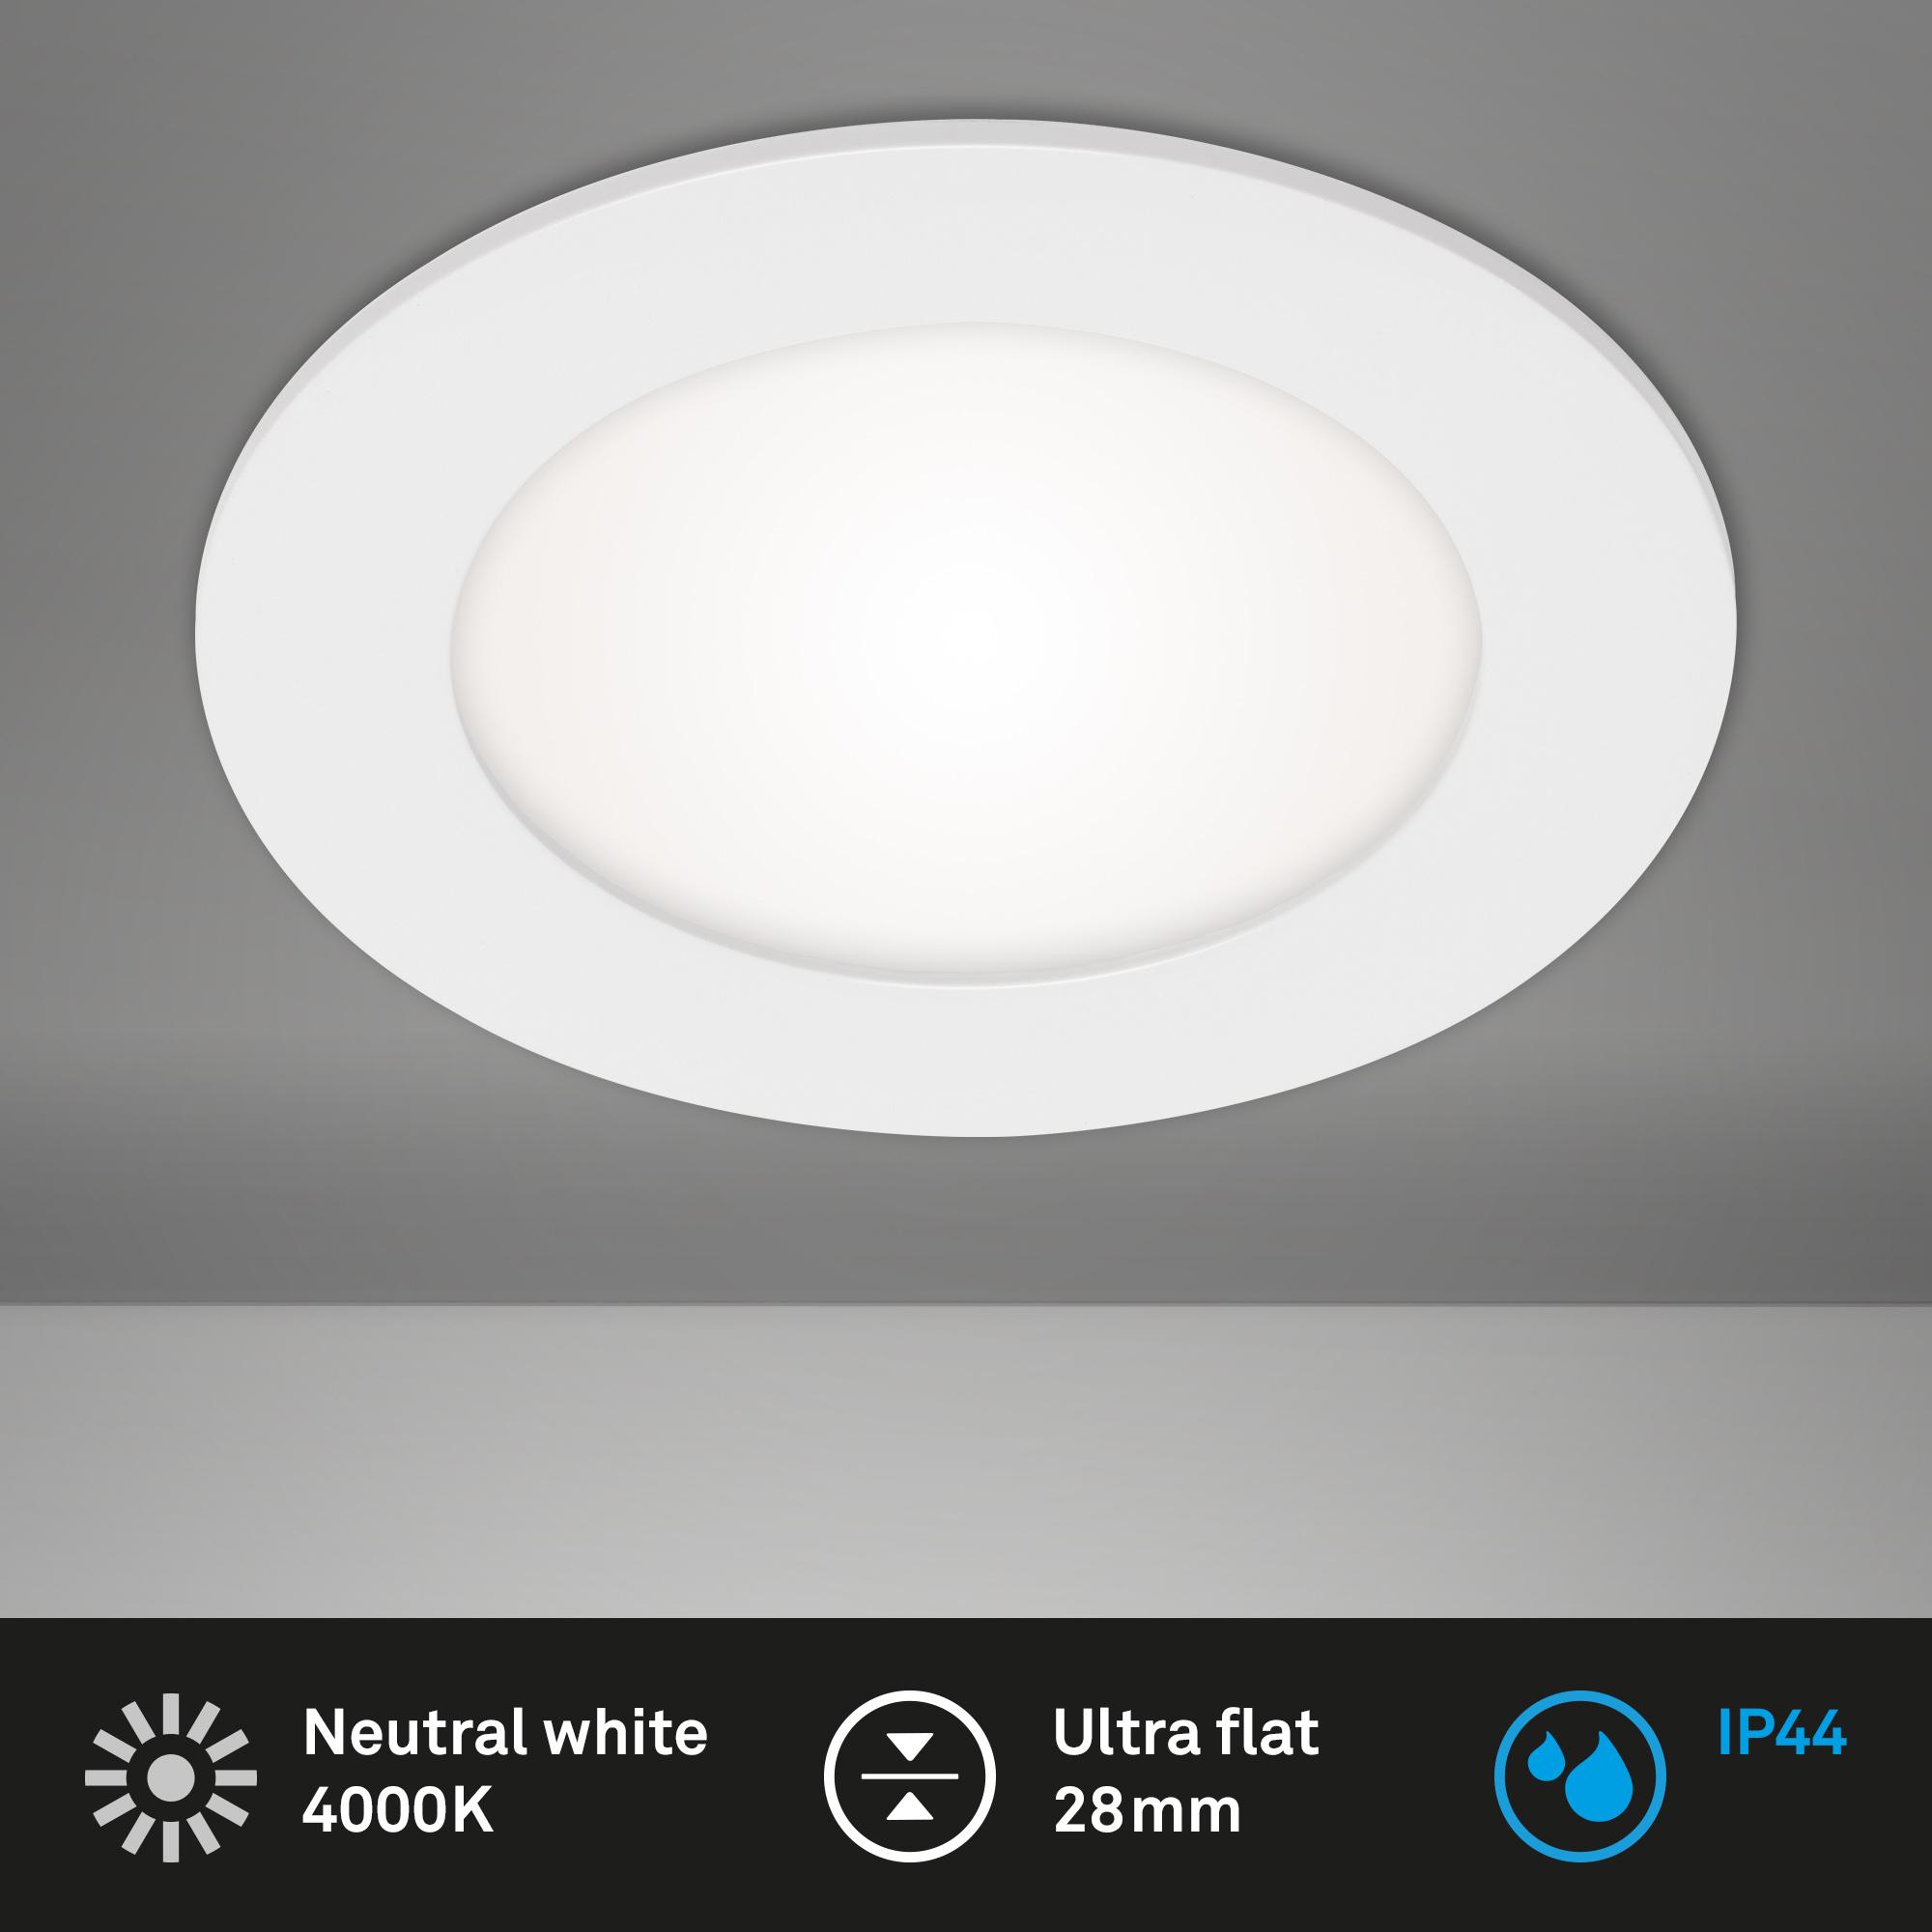 LED Einbauleuchte, Ø 12 cm, 7 W, Weiß